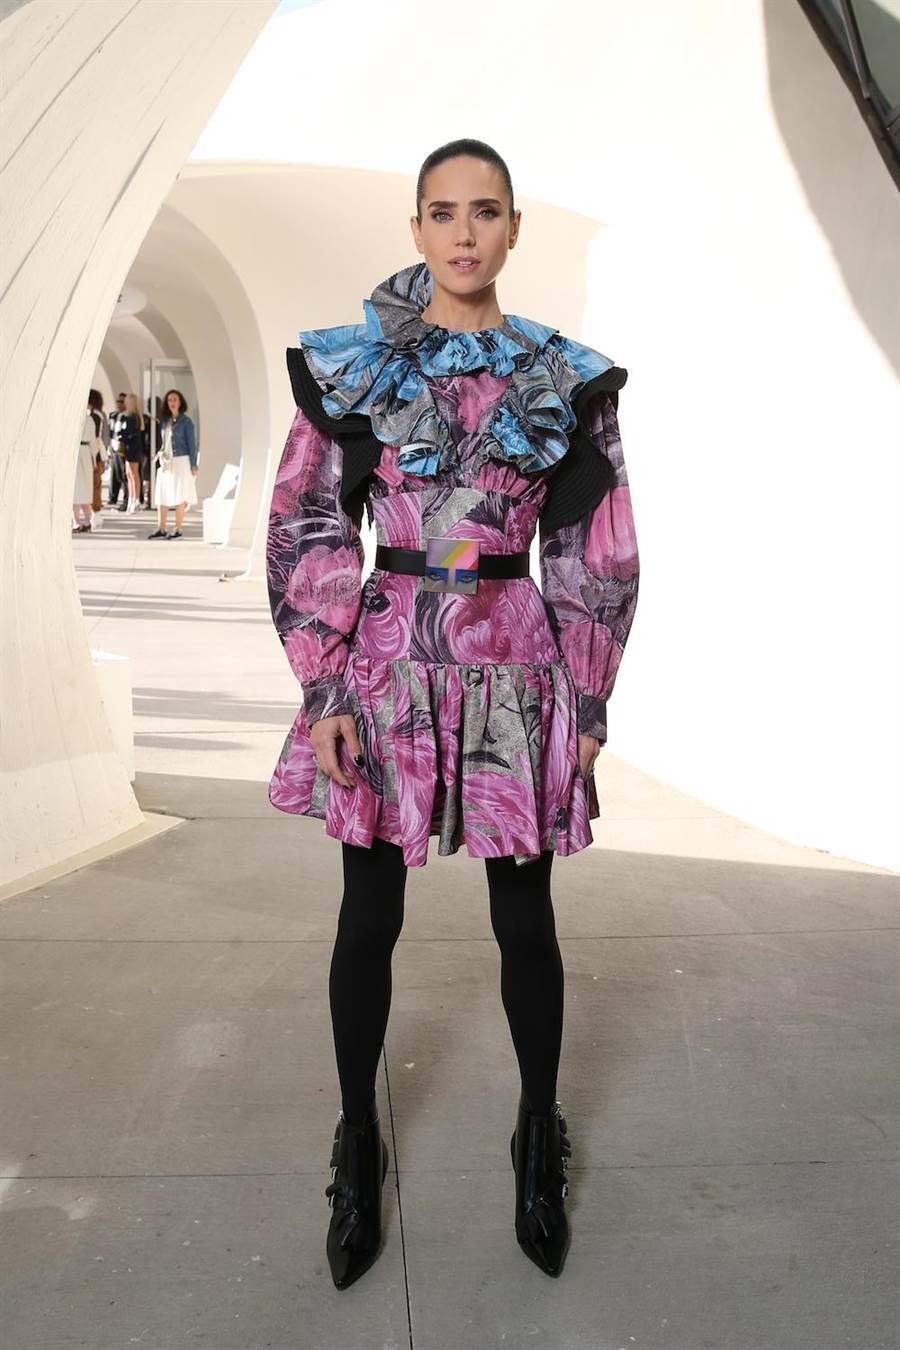 珍妮佛康納莉的小洋裝以迷幻印花與荷葉邊打造,相當搶眼。(LV提供)